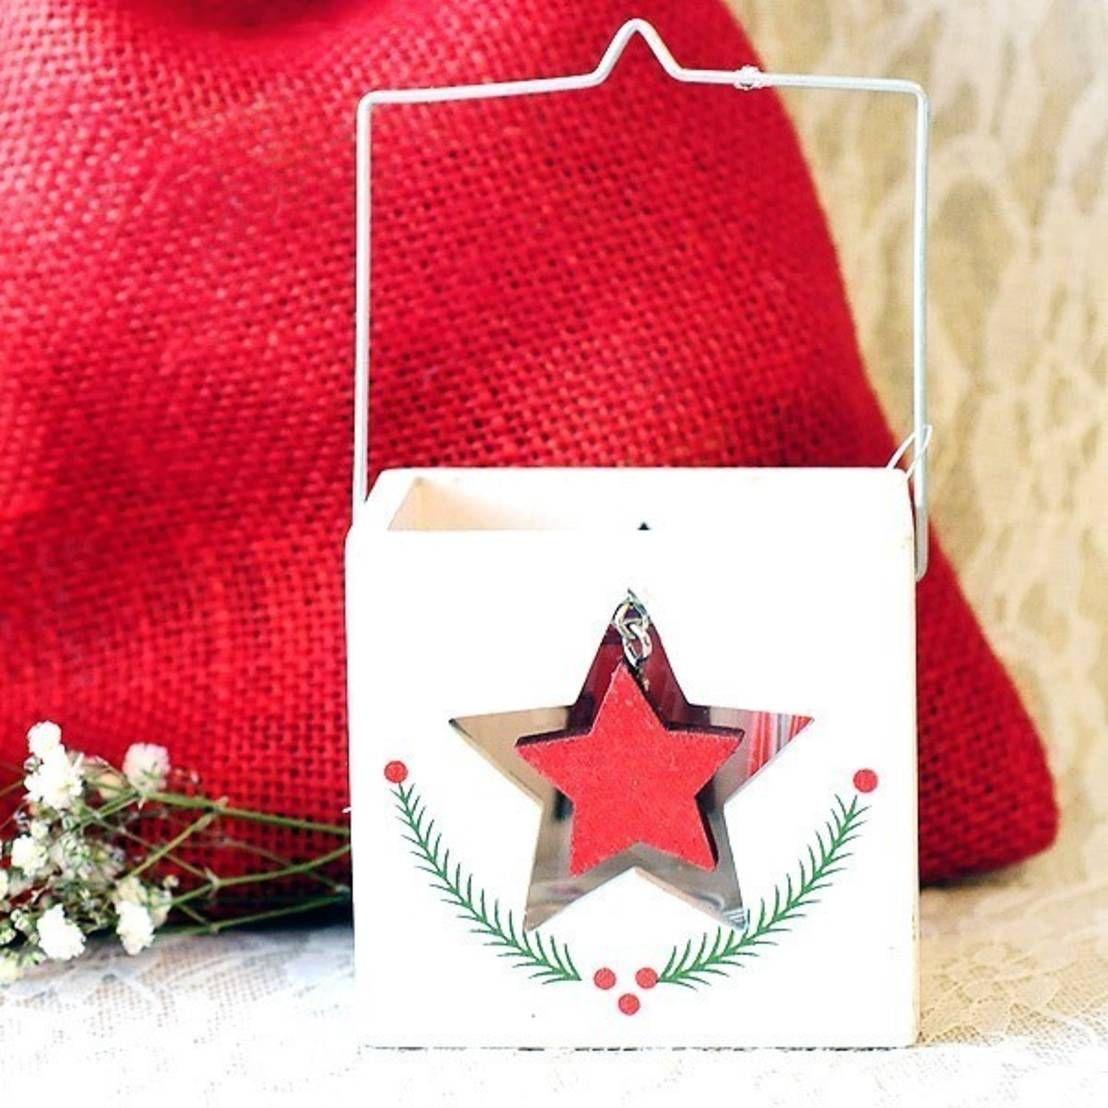 Farolillos y soportes para velas de decoraci n y adornos navide os - Soportes para velas ...